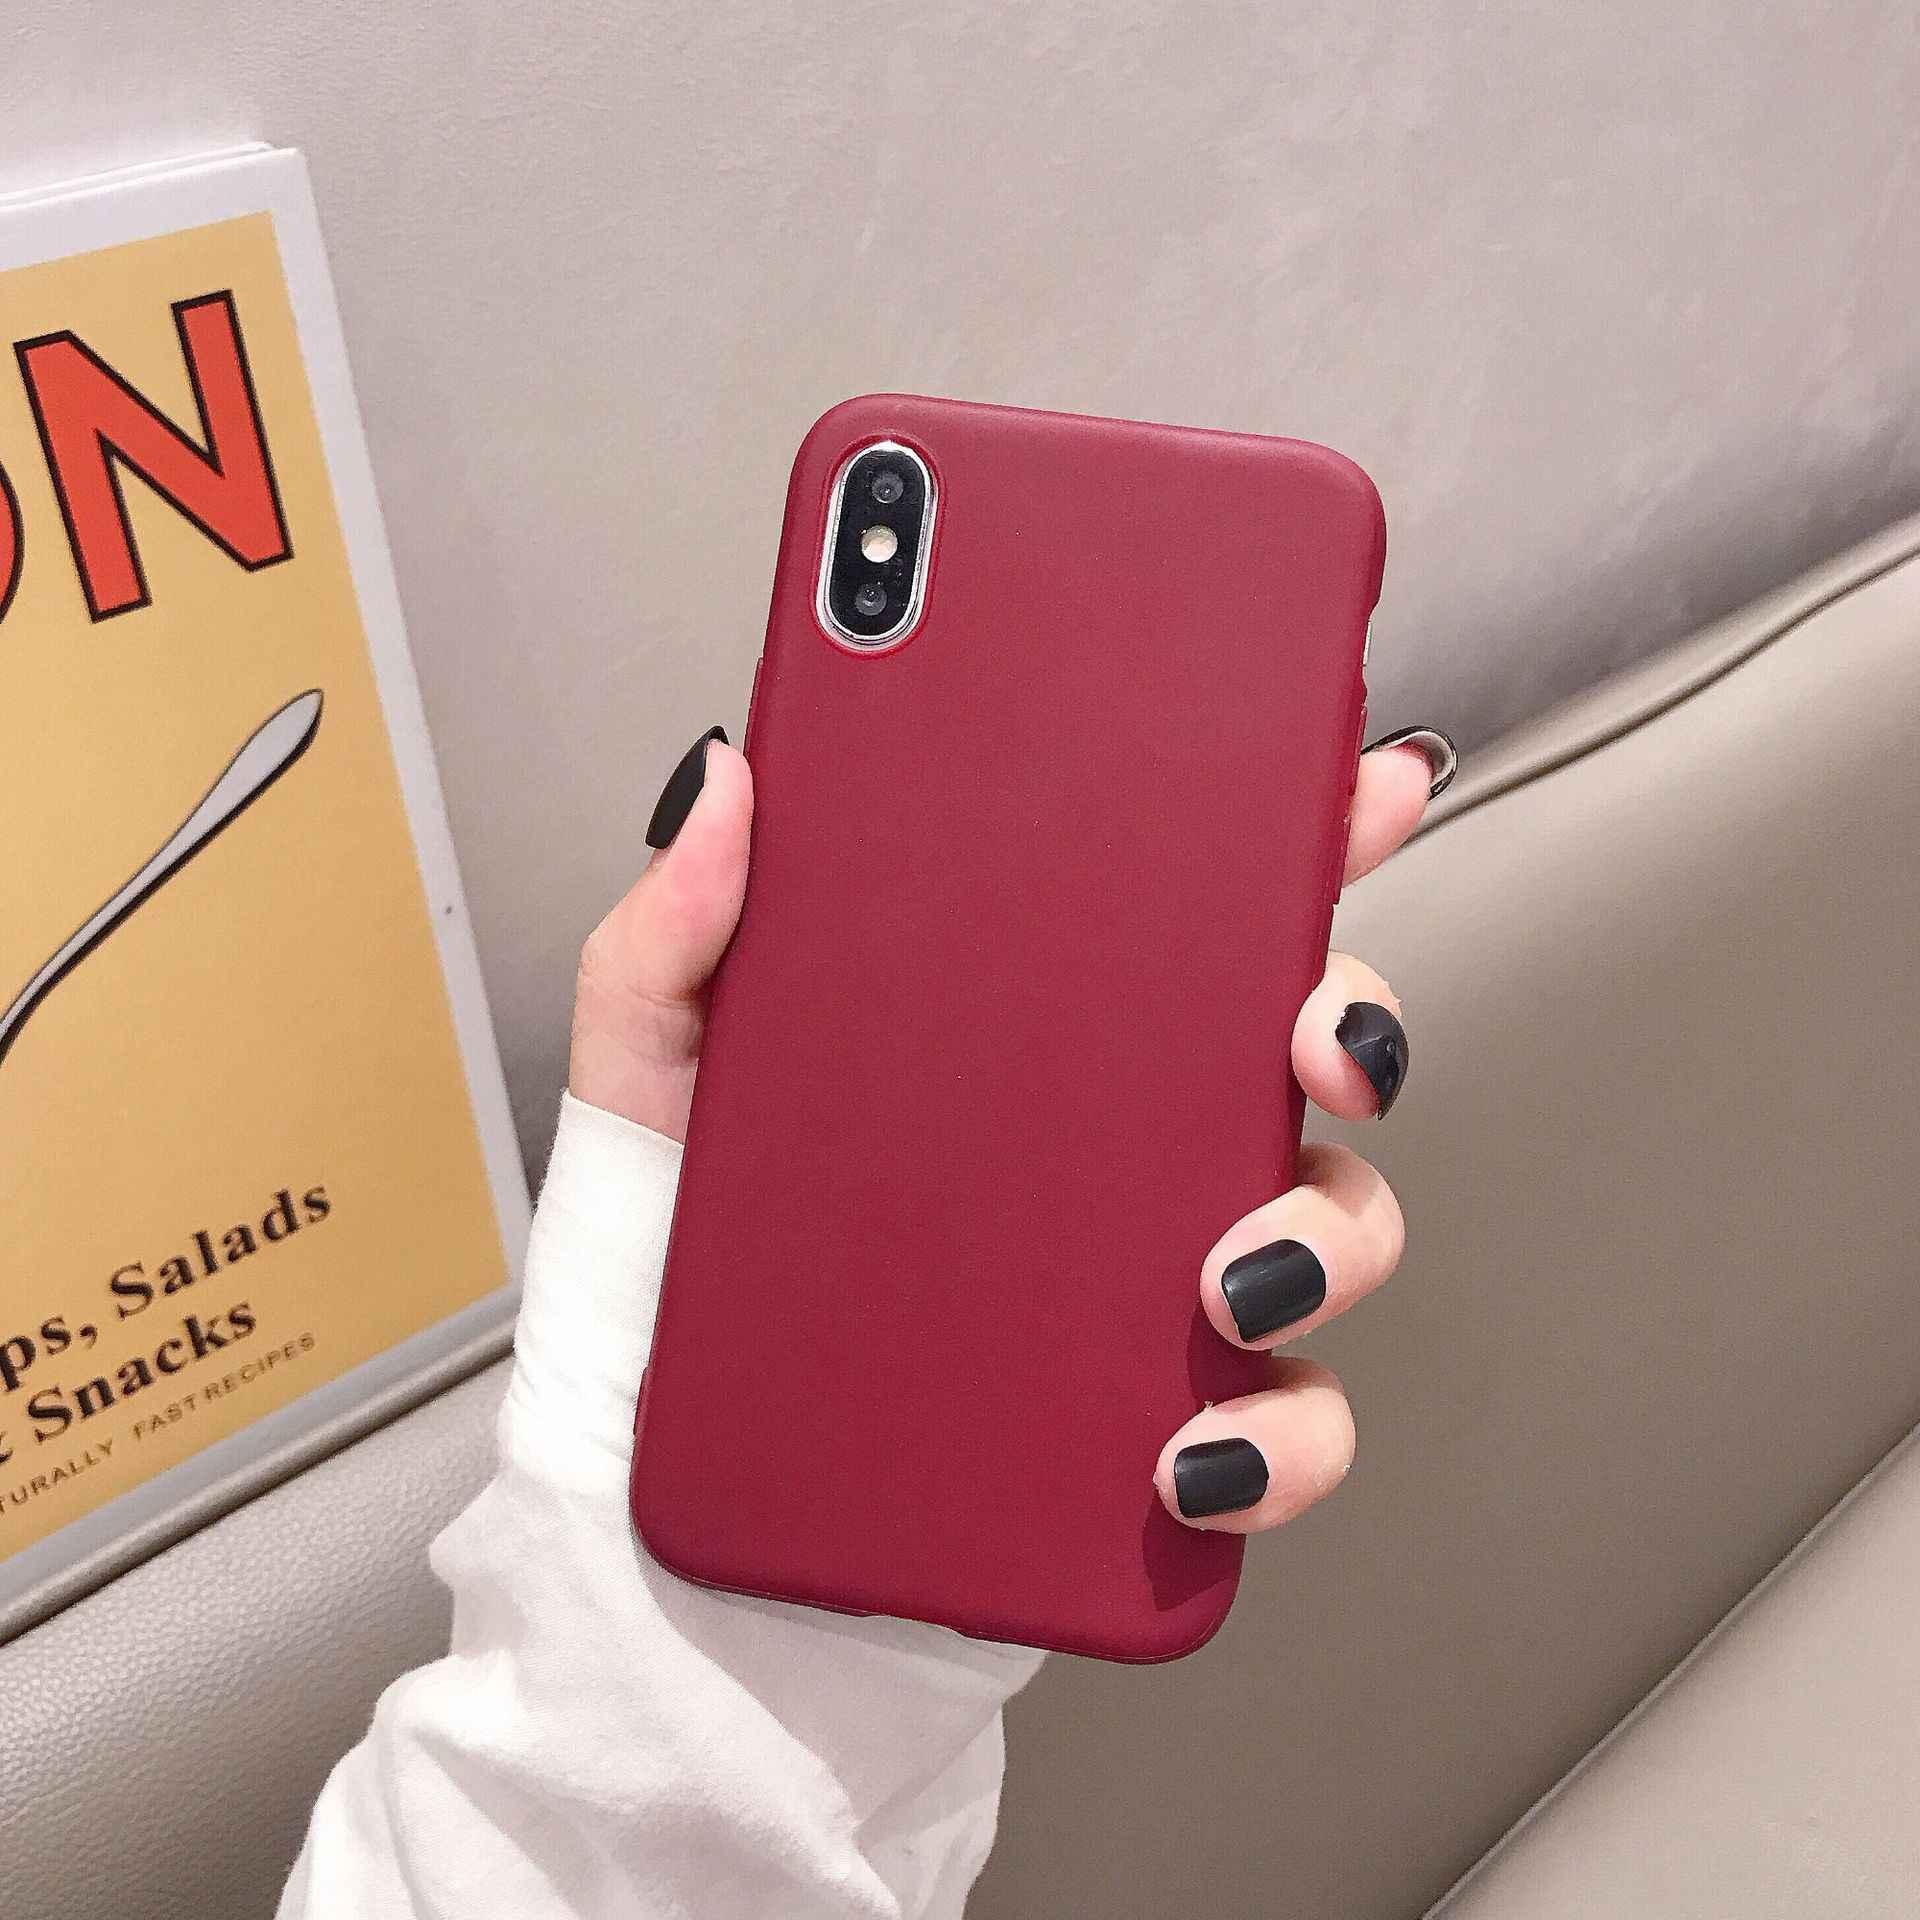 יוקרה מקרה טלפון עבור iPhone 11 פרו 7 6 6s 8 X בתוספת XR XS מקס פשוט מוצק צבע רך TPU מקרה צבעים בוהקים חזרה כיסוי